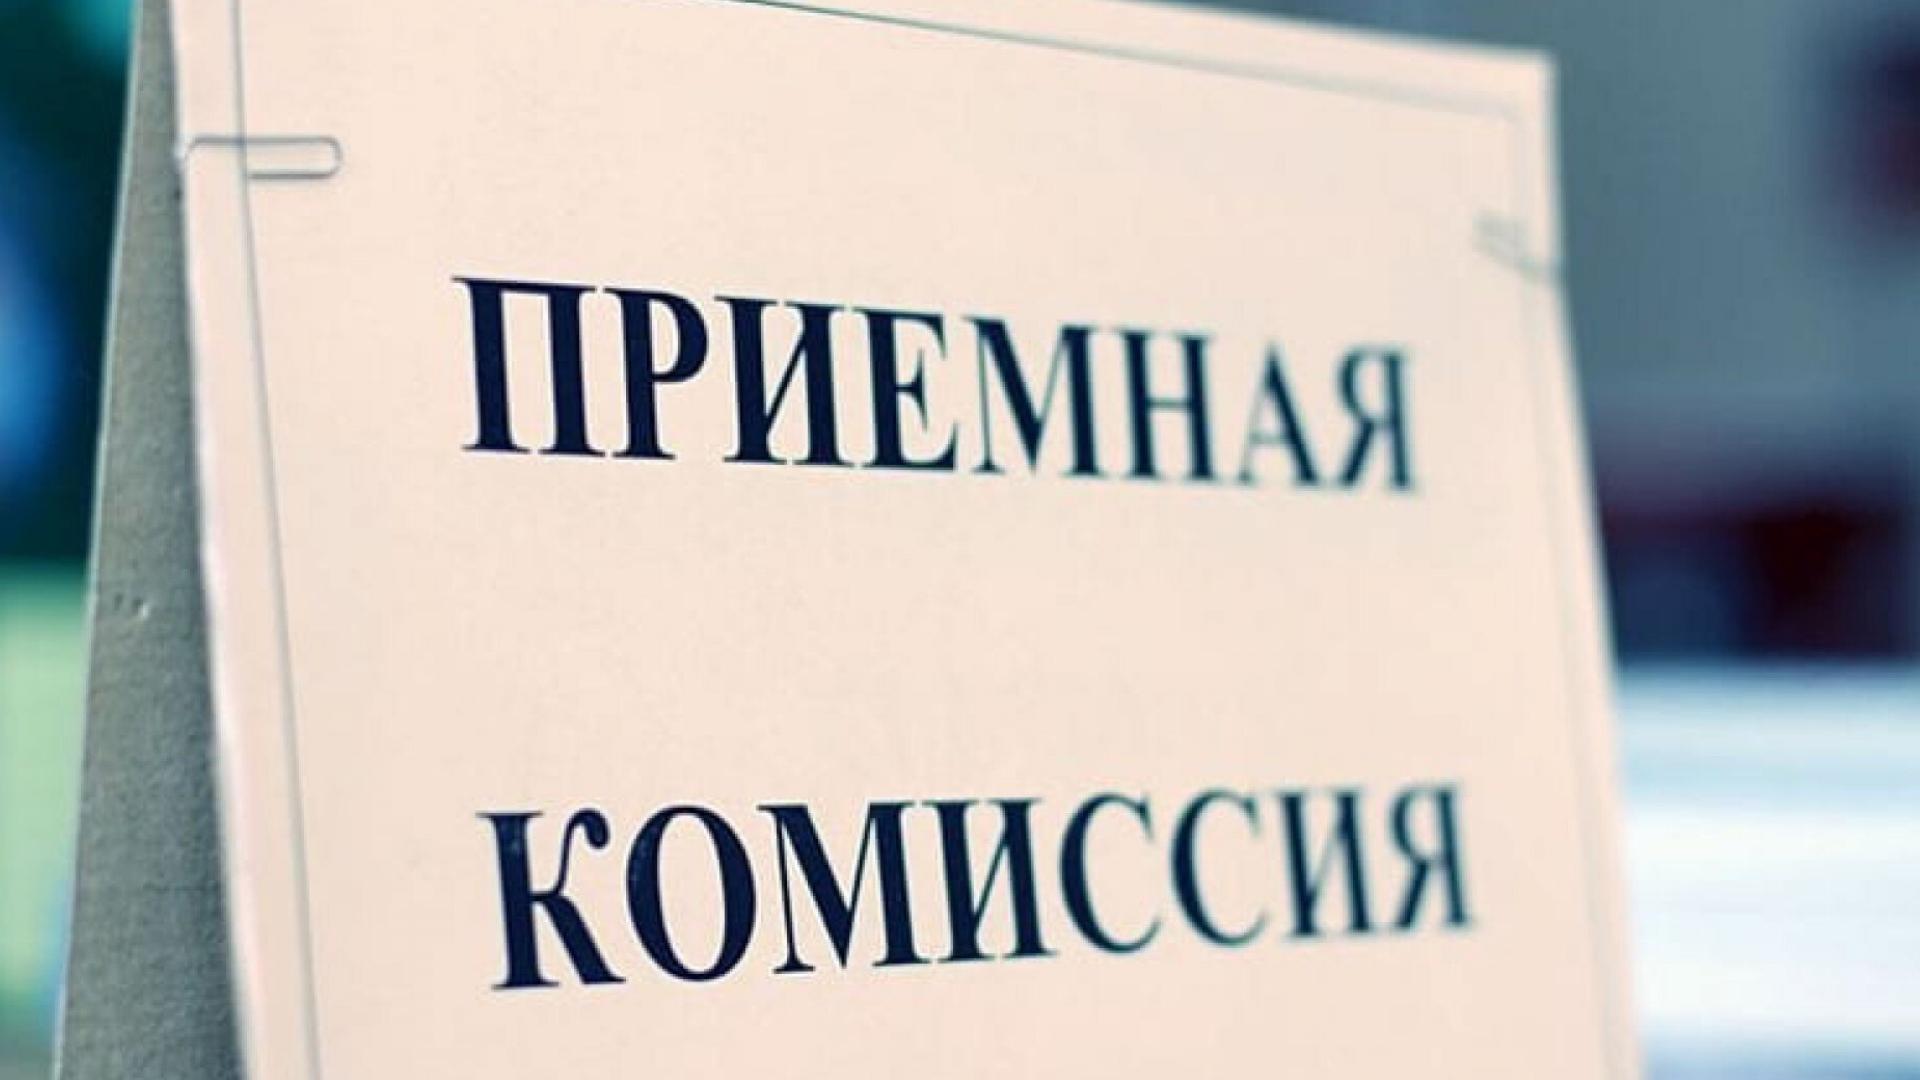 Приемная комиссия начинает свою работу с 18 июня